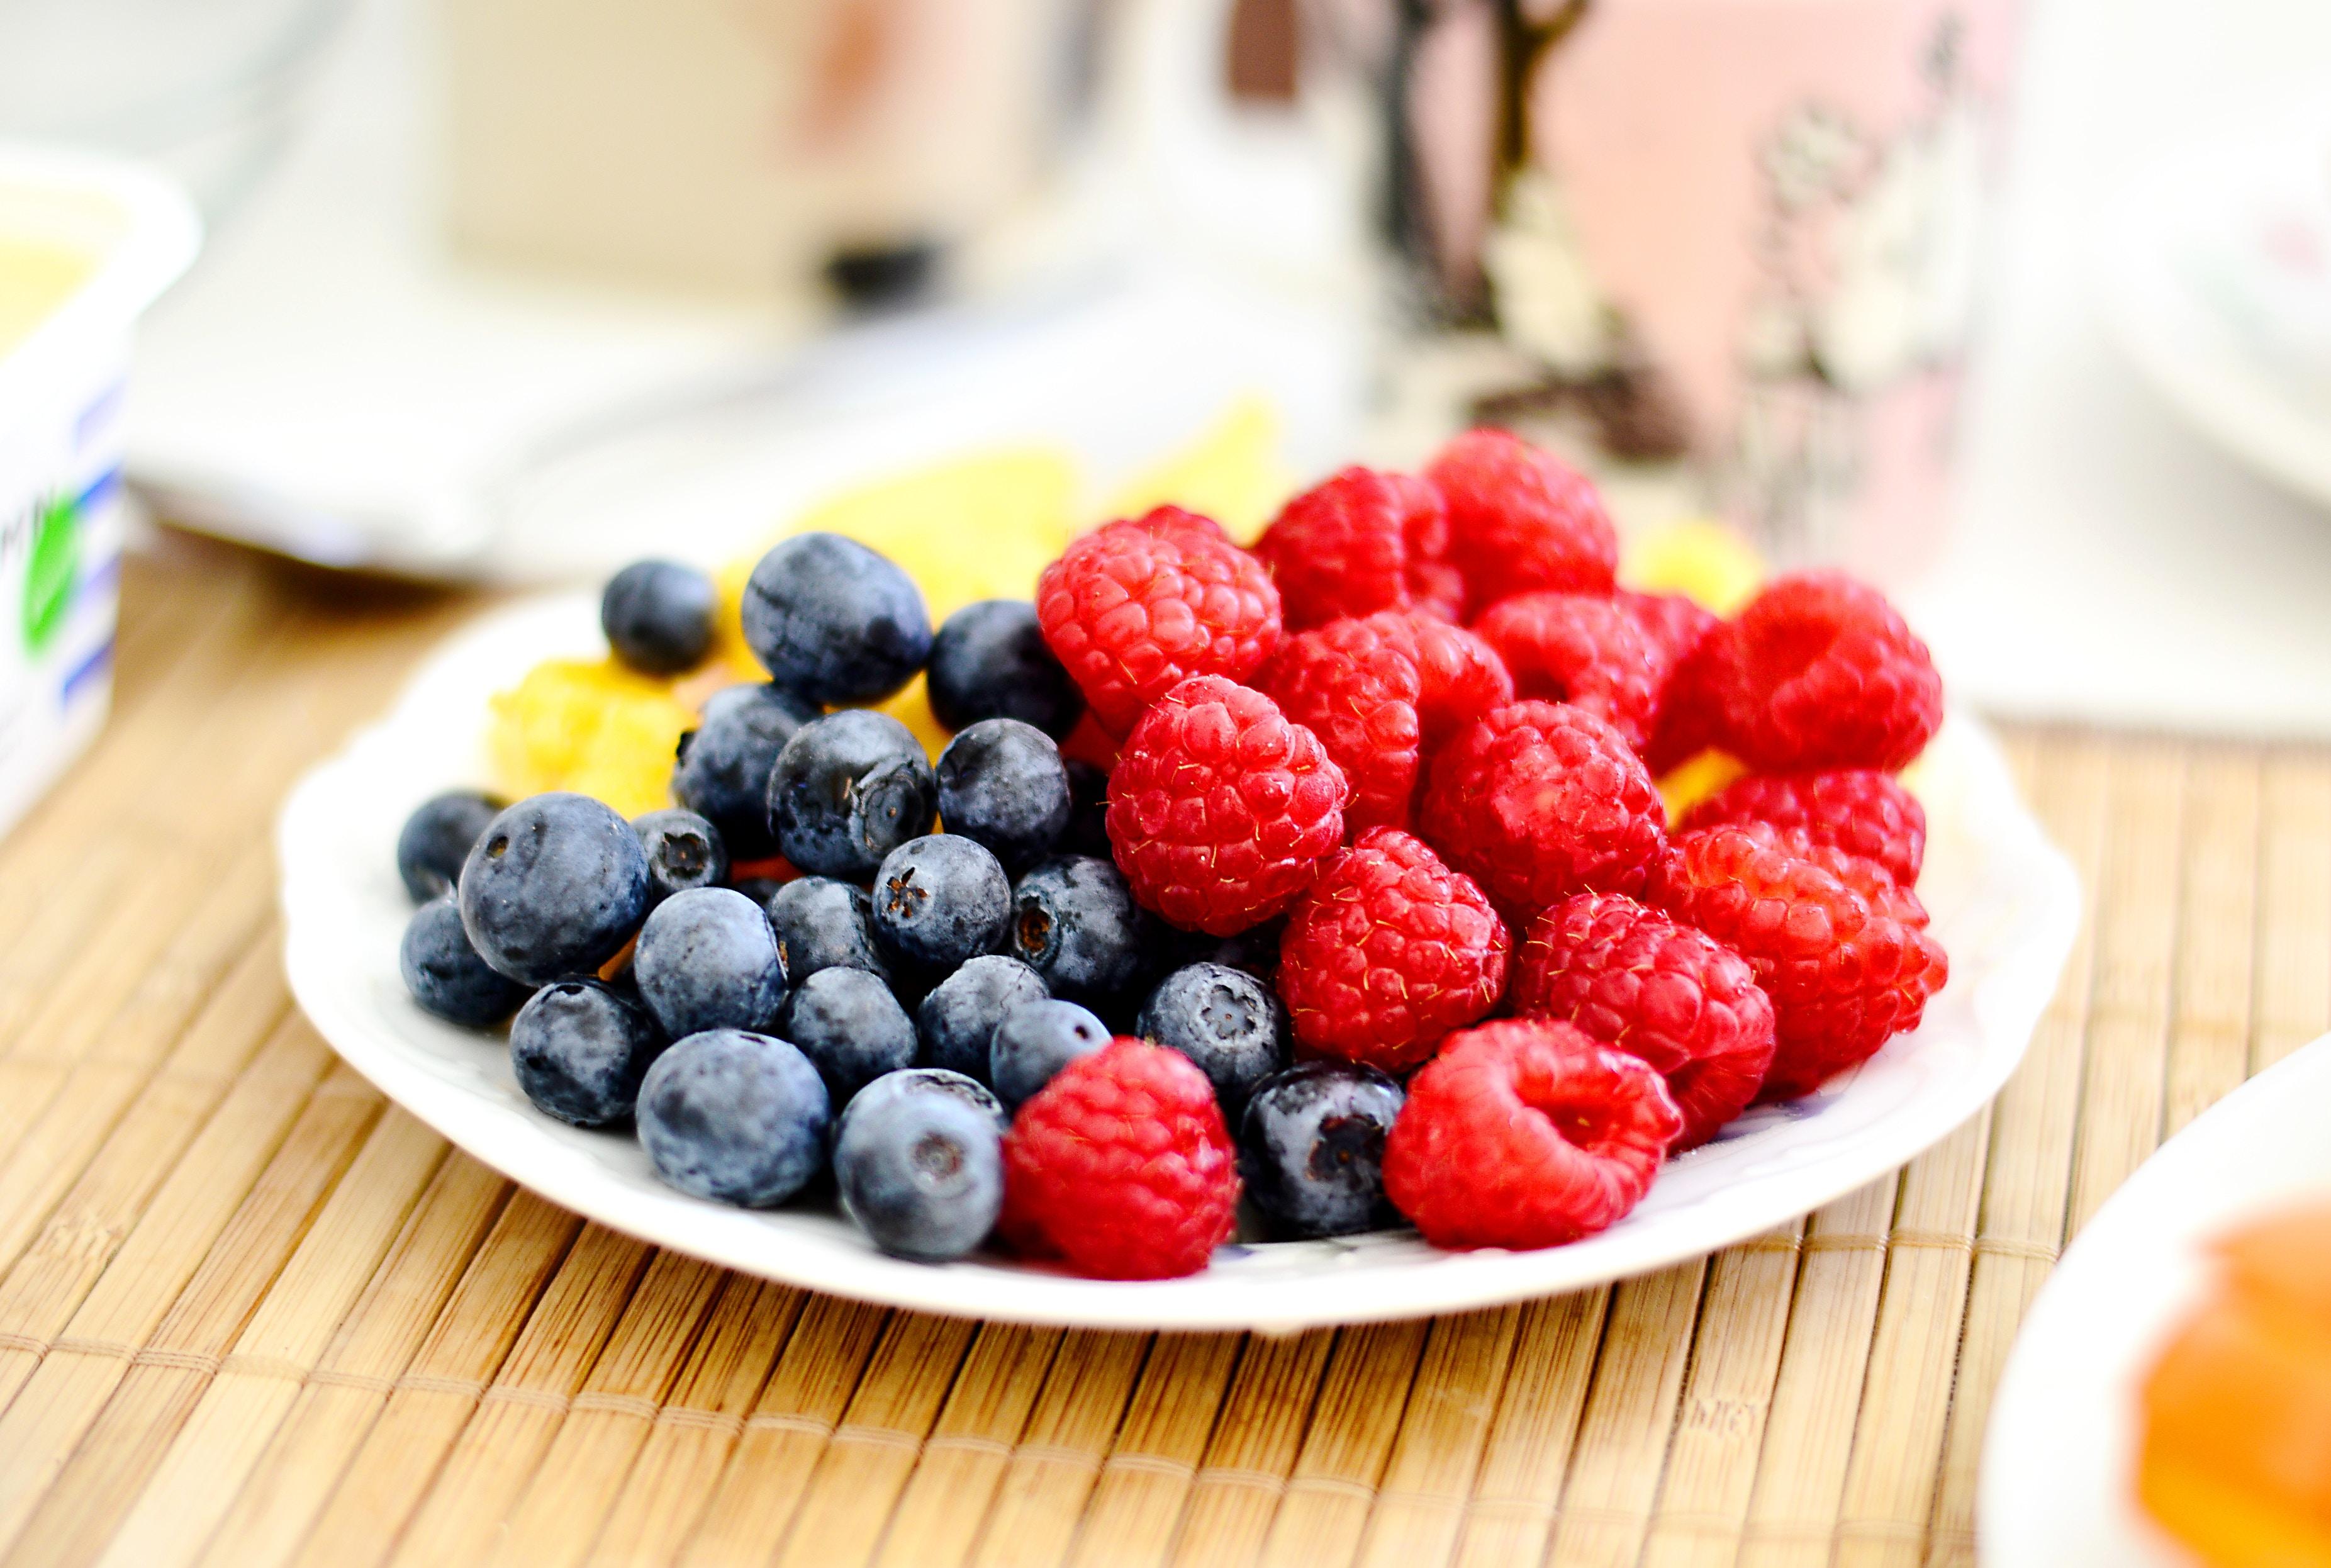 Frutta: quando è meglio mangiarla?